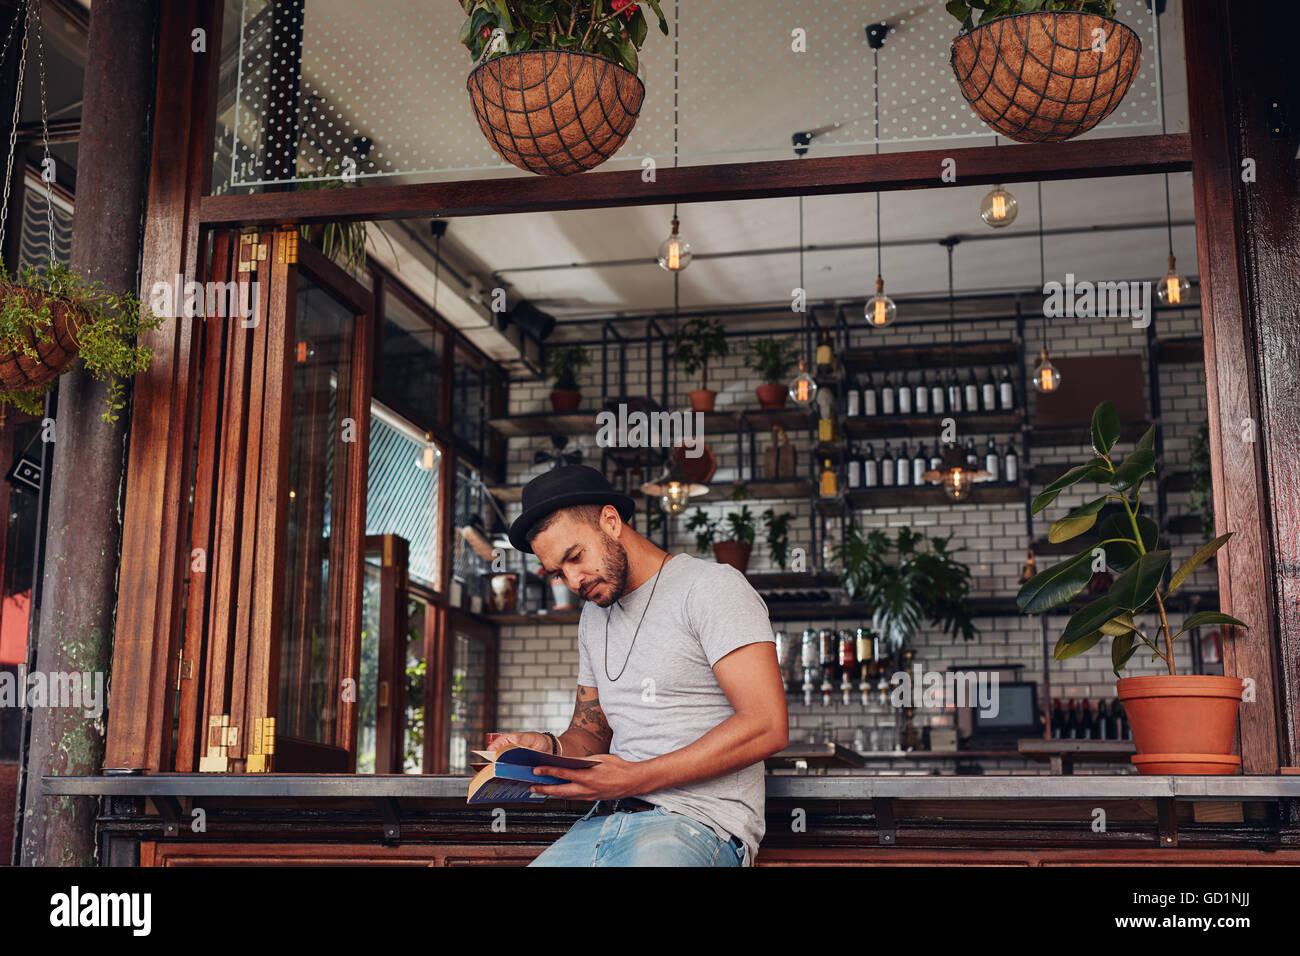 Ritratto di giovane rilassato uomo seduto in un bar contro la lettura di un libro. Elegante giovane ragazzo lettura Immagini Stock